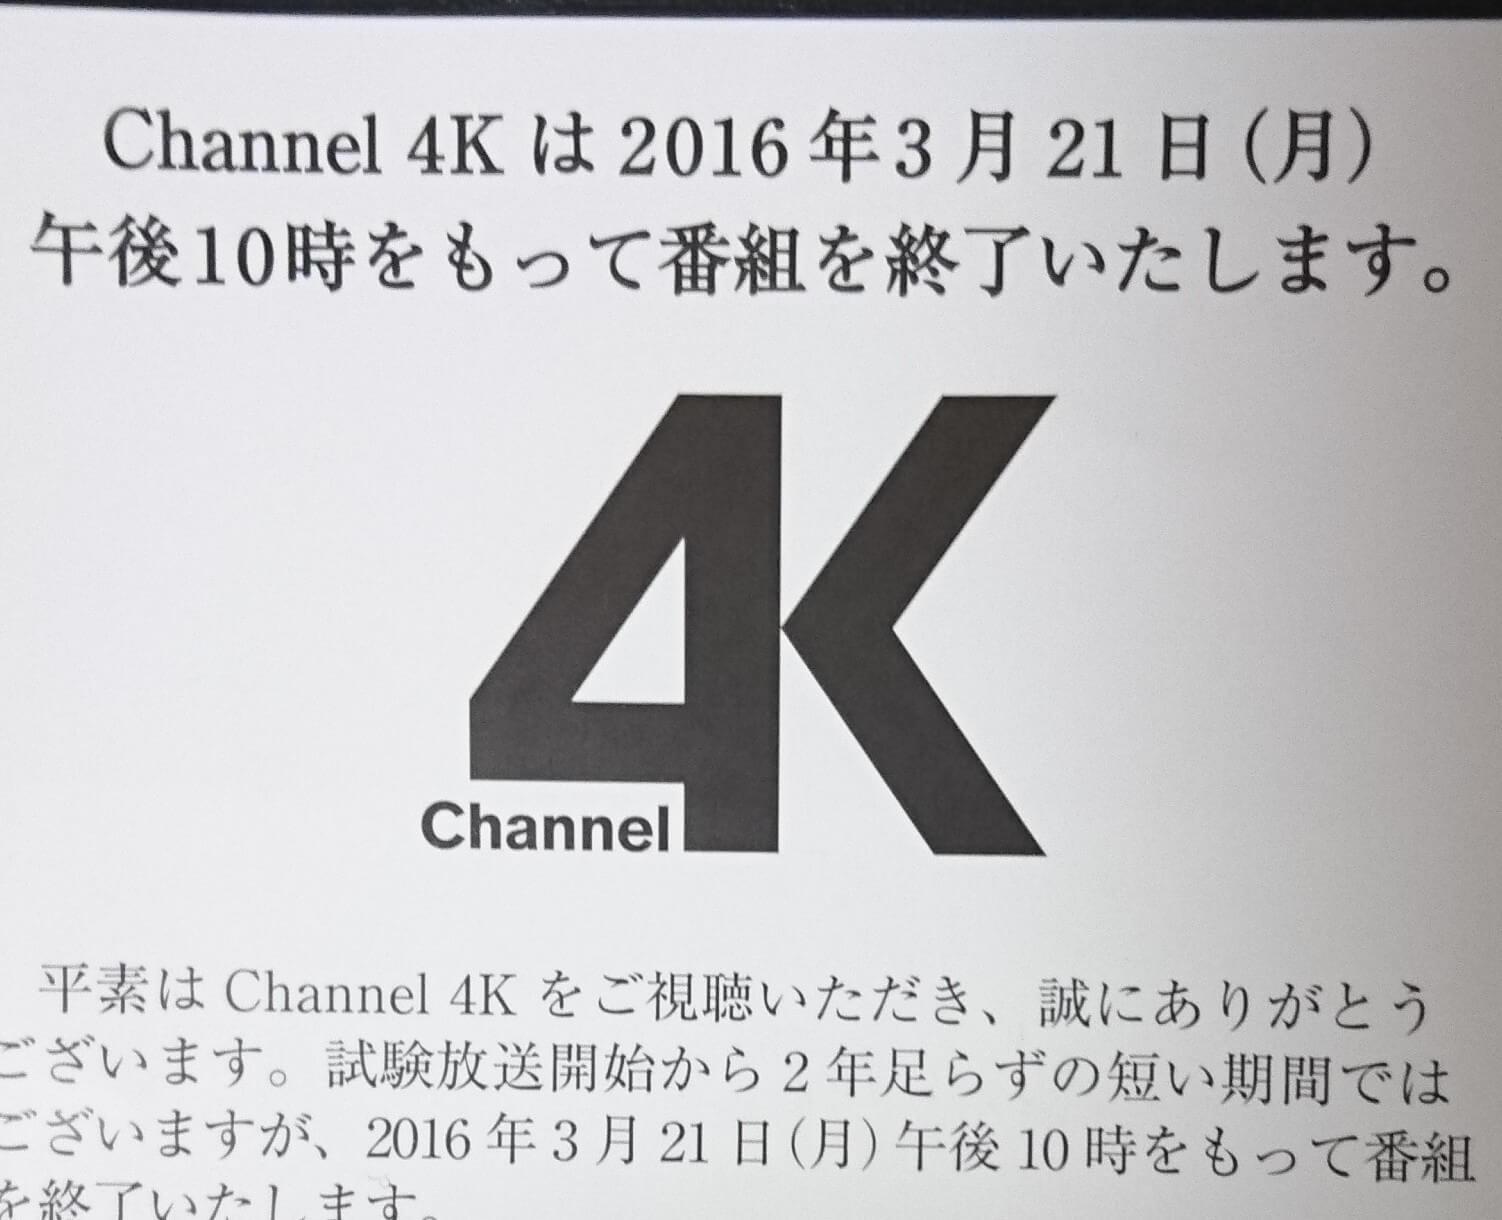 DpaとNexTV-Fは、2016年4月1日に合併すると発表!